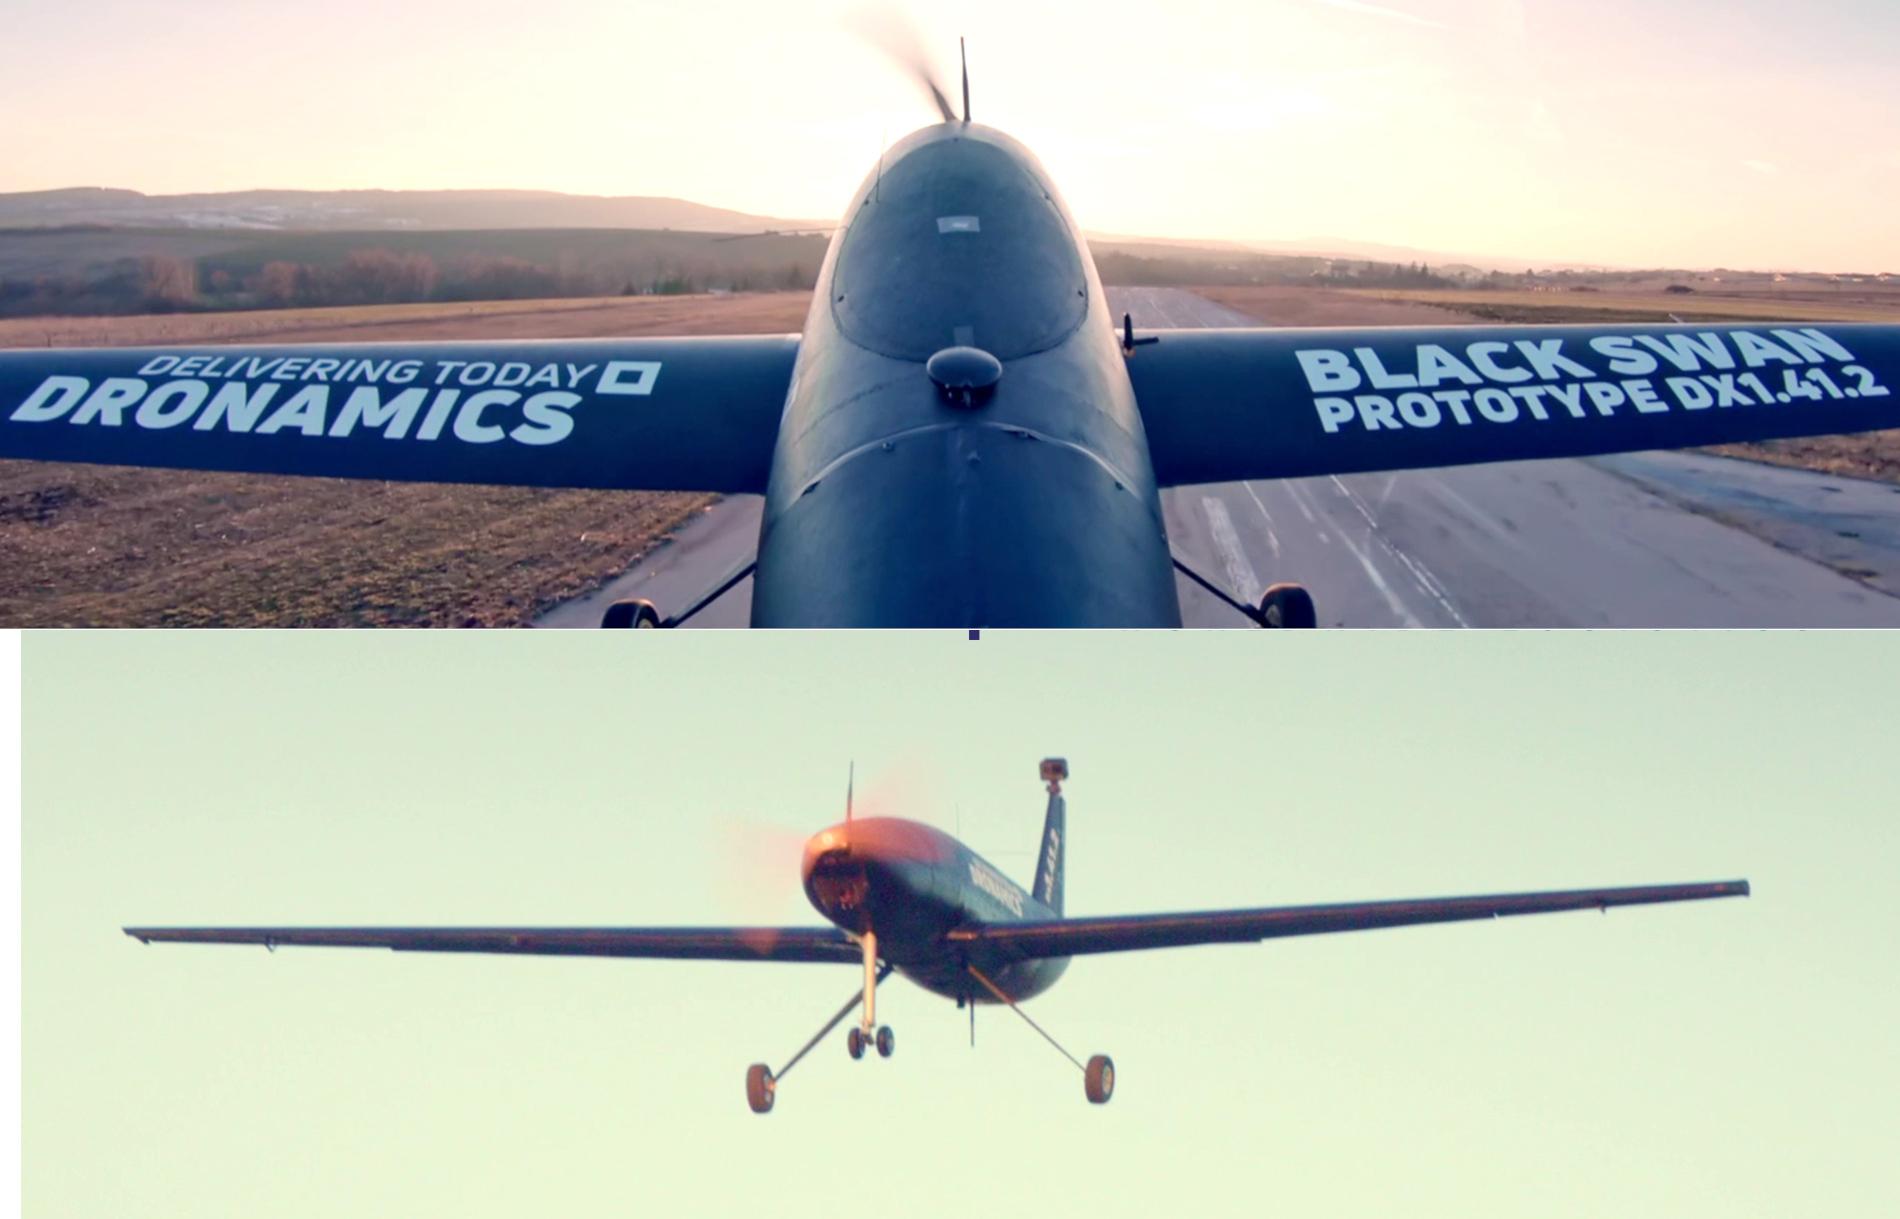 Drony cargo zaczną regularne loty nad Europą w 2022 roku? Hellmann już nad tym pracuje